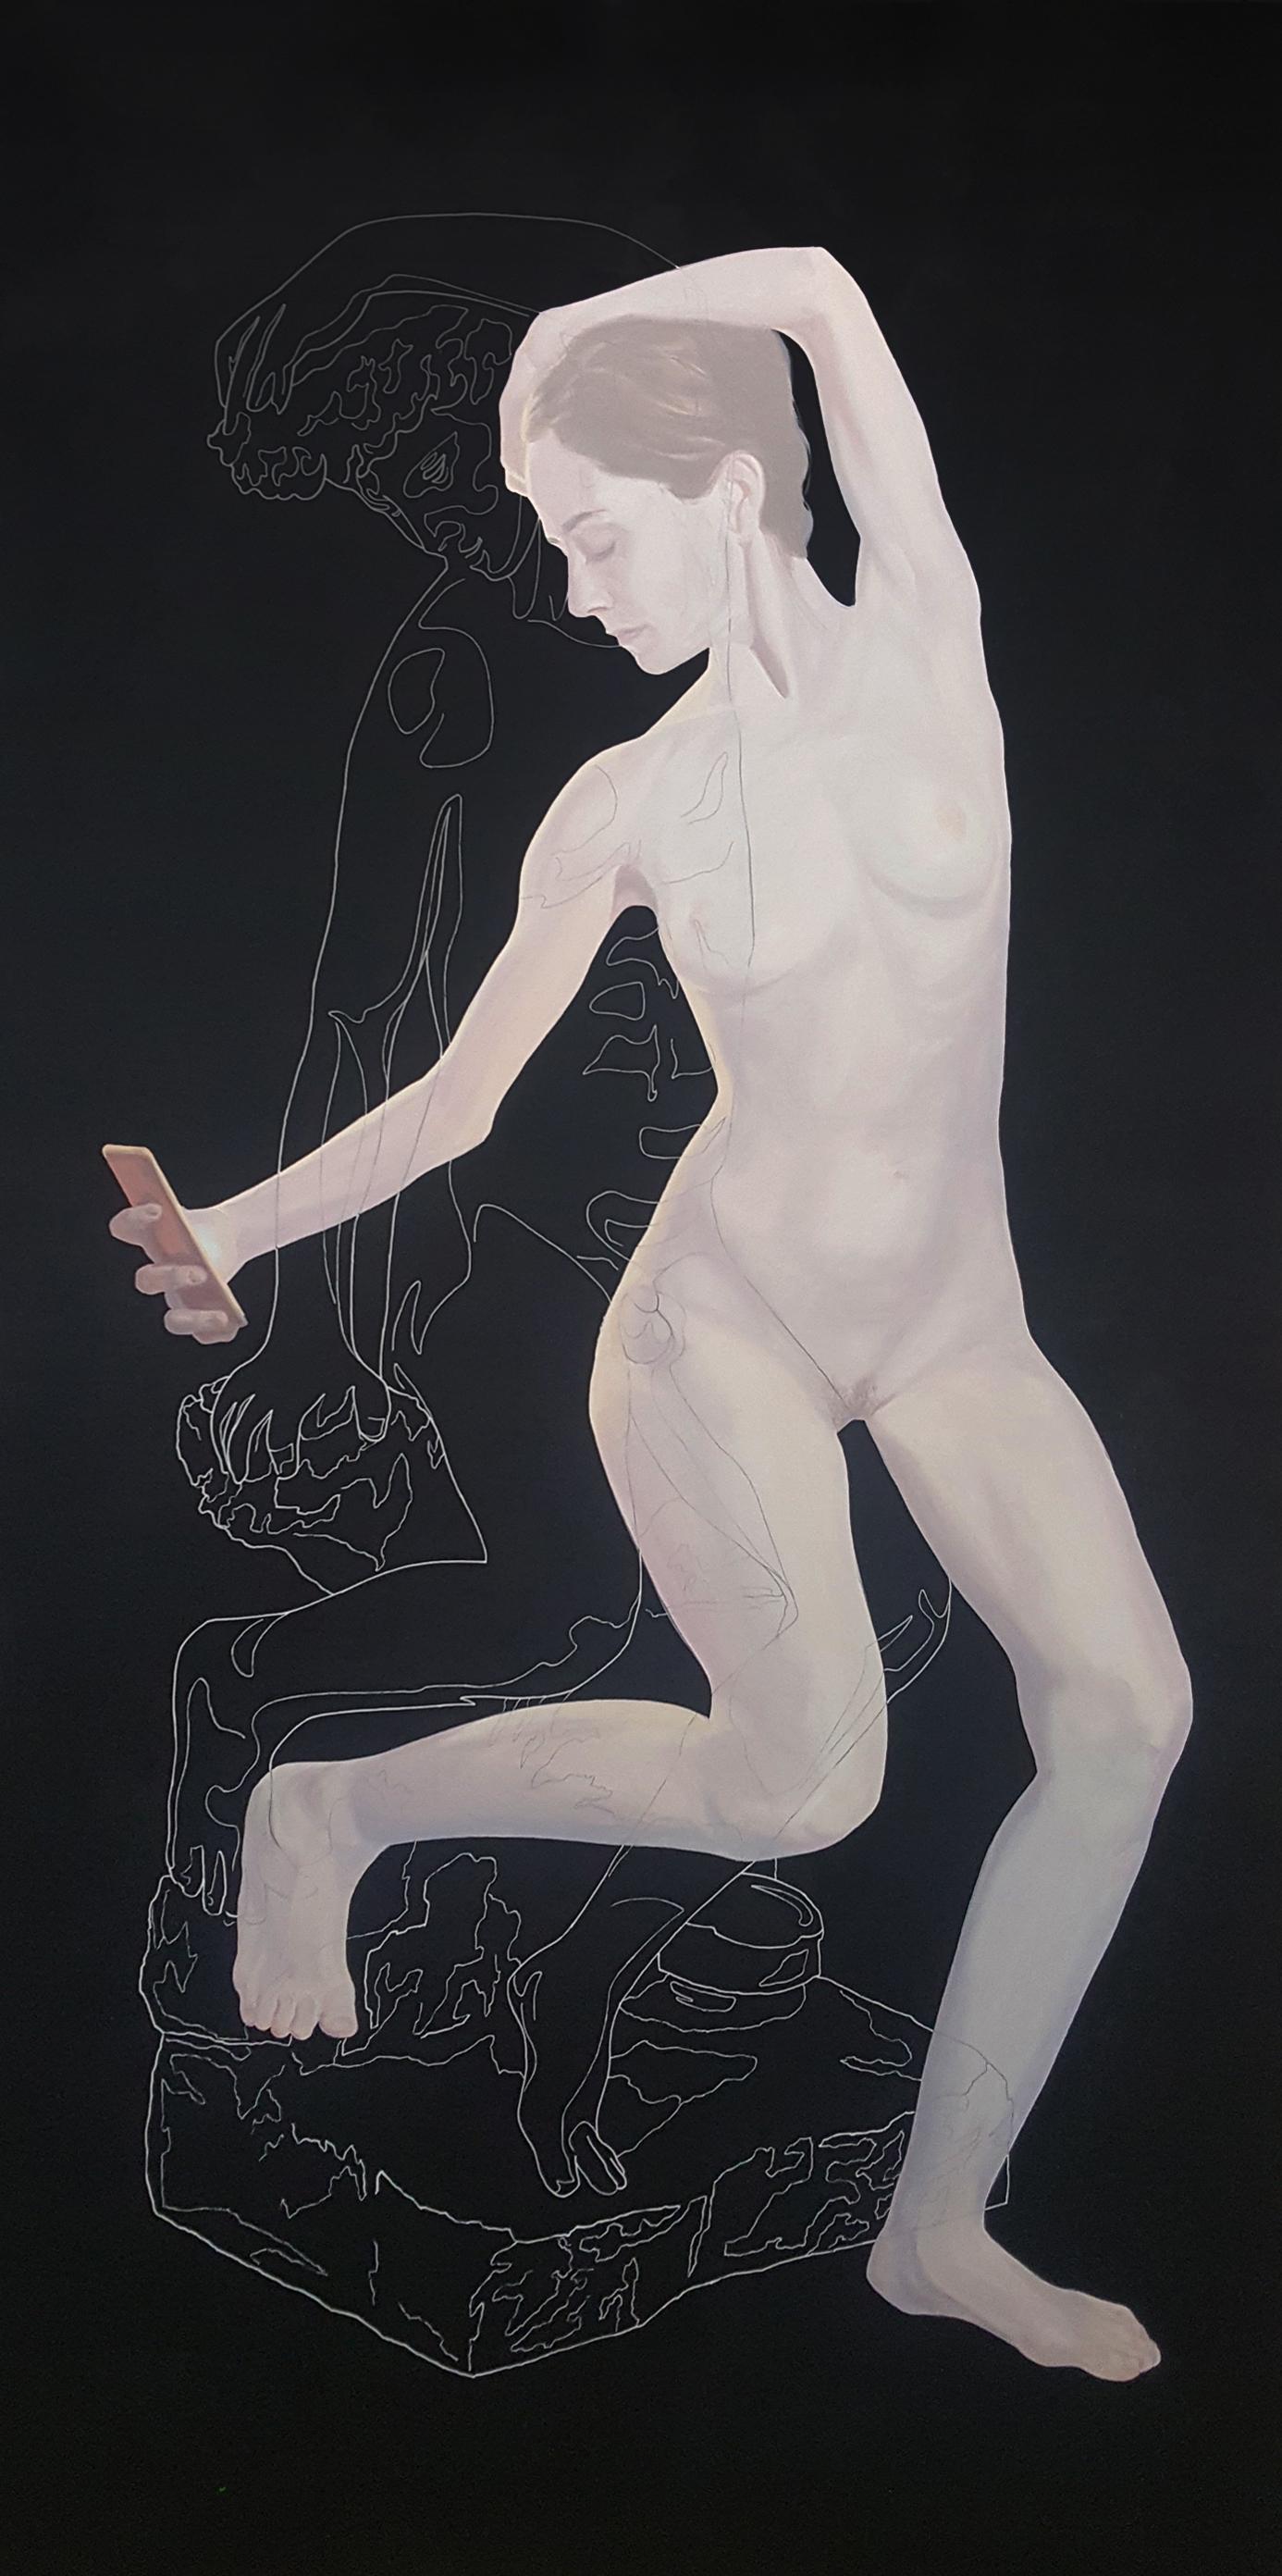 Lo que amas, lo pierdes en cuanto te vuelves de espaldas. Tinta china y óleo sobre lienzo. 150 x 75 cm.